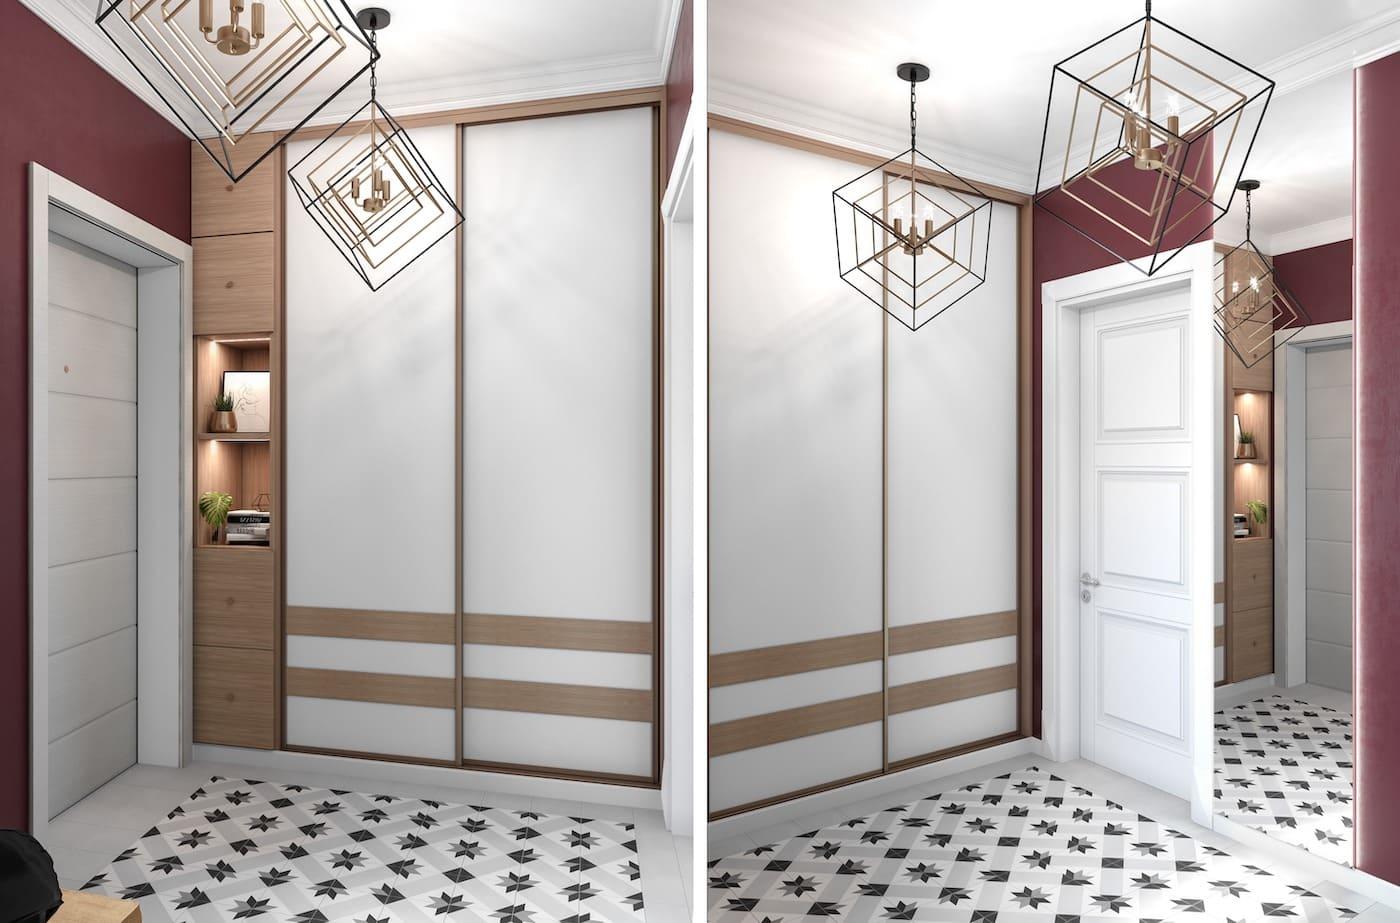 design d'intérieur couloir photo 2